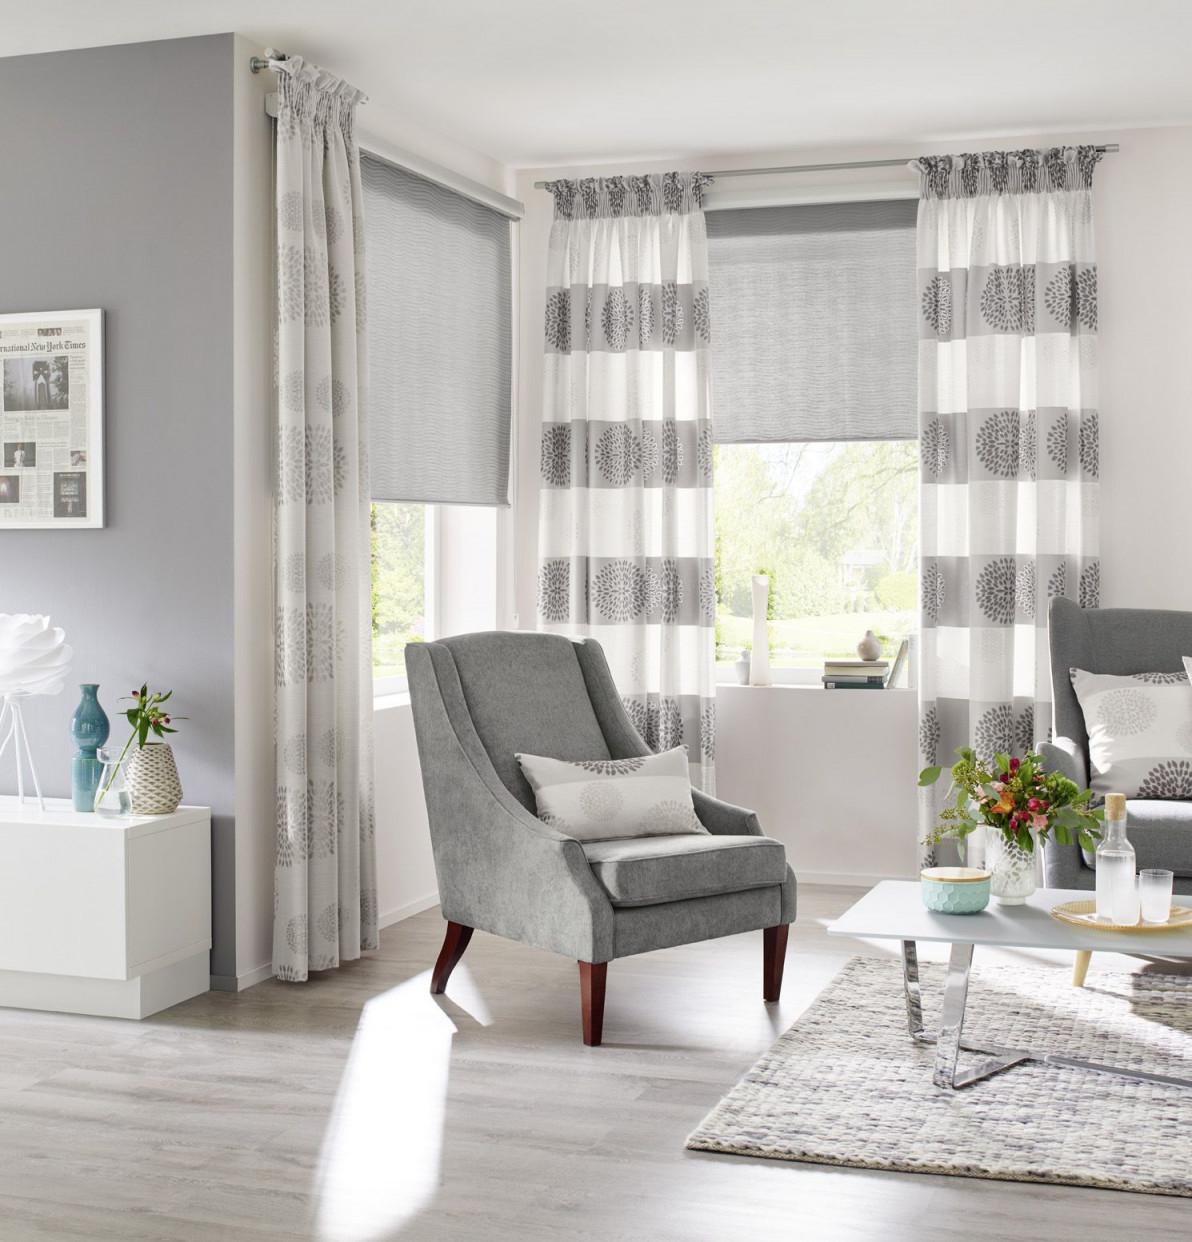 Fenster Globe Gardinen Dekostoffe Vorhang Wohnstoffe von Wohnzimmer Fenster Gardinen Bild